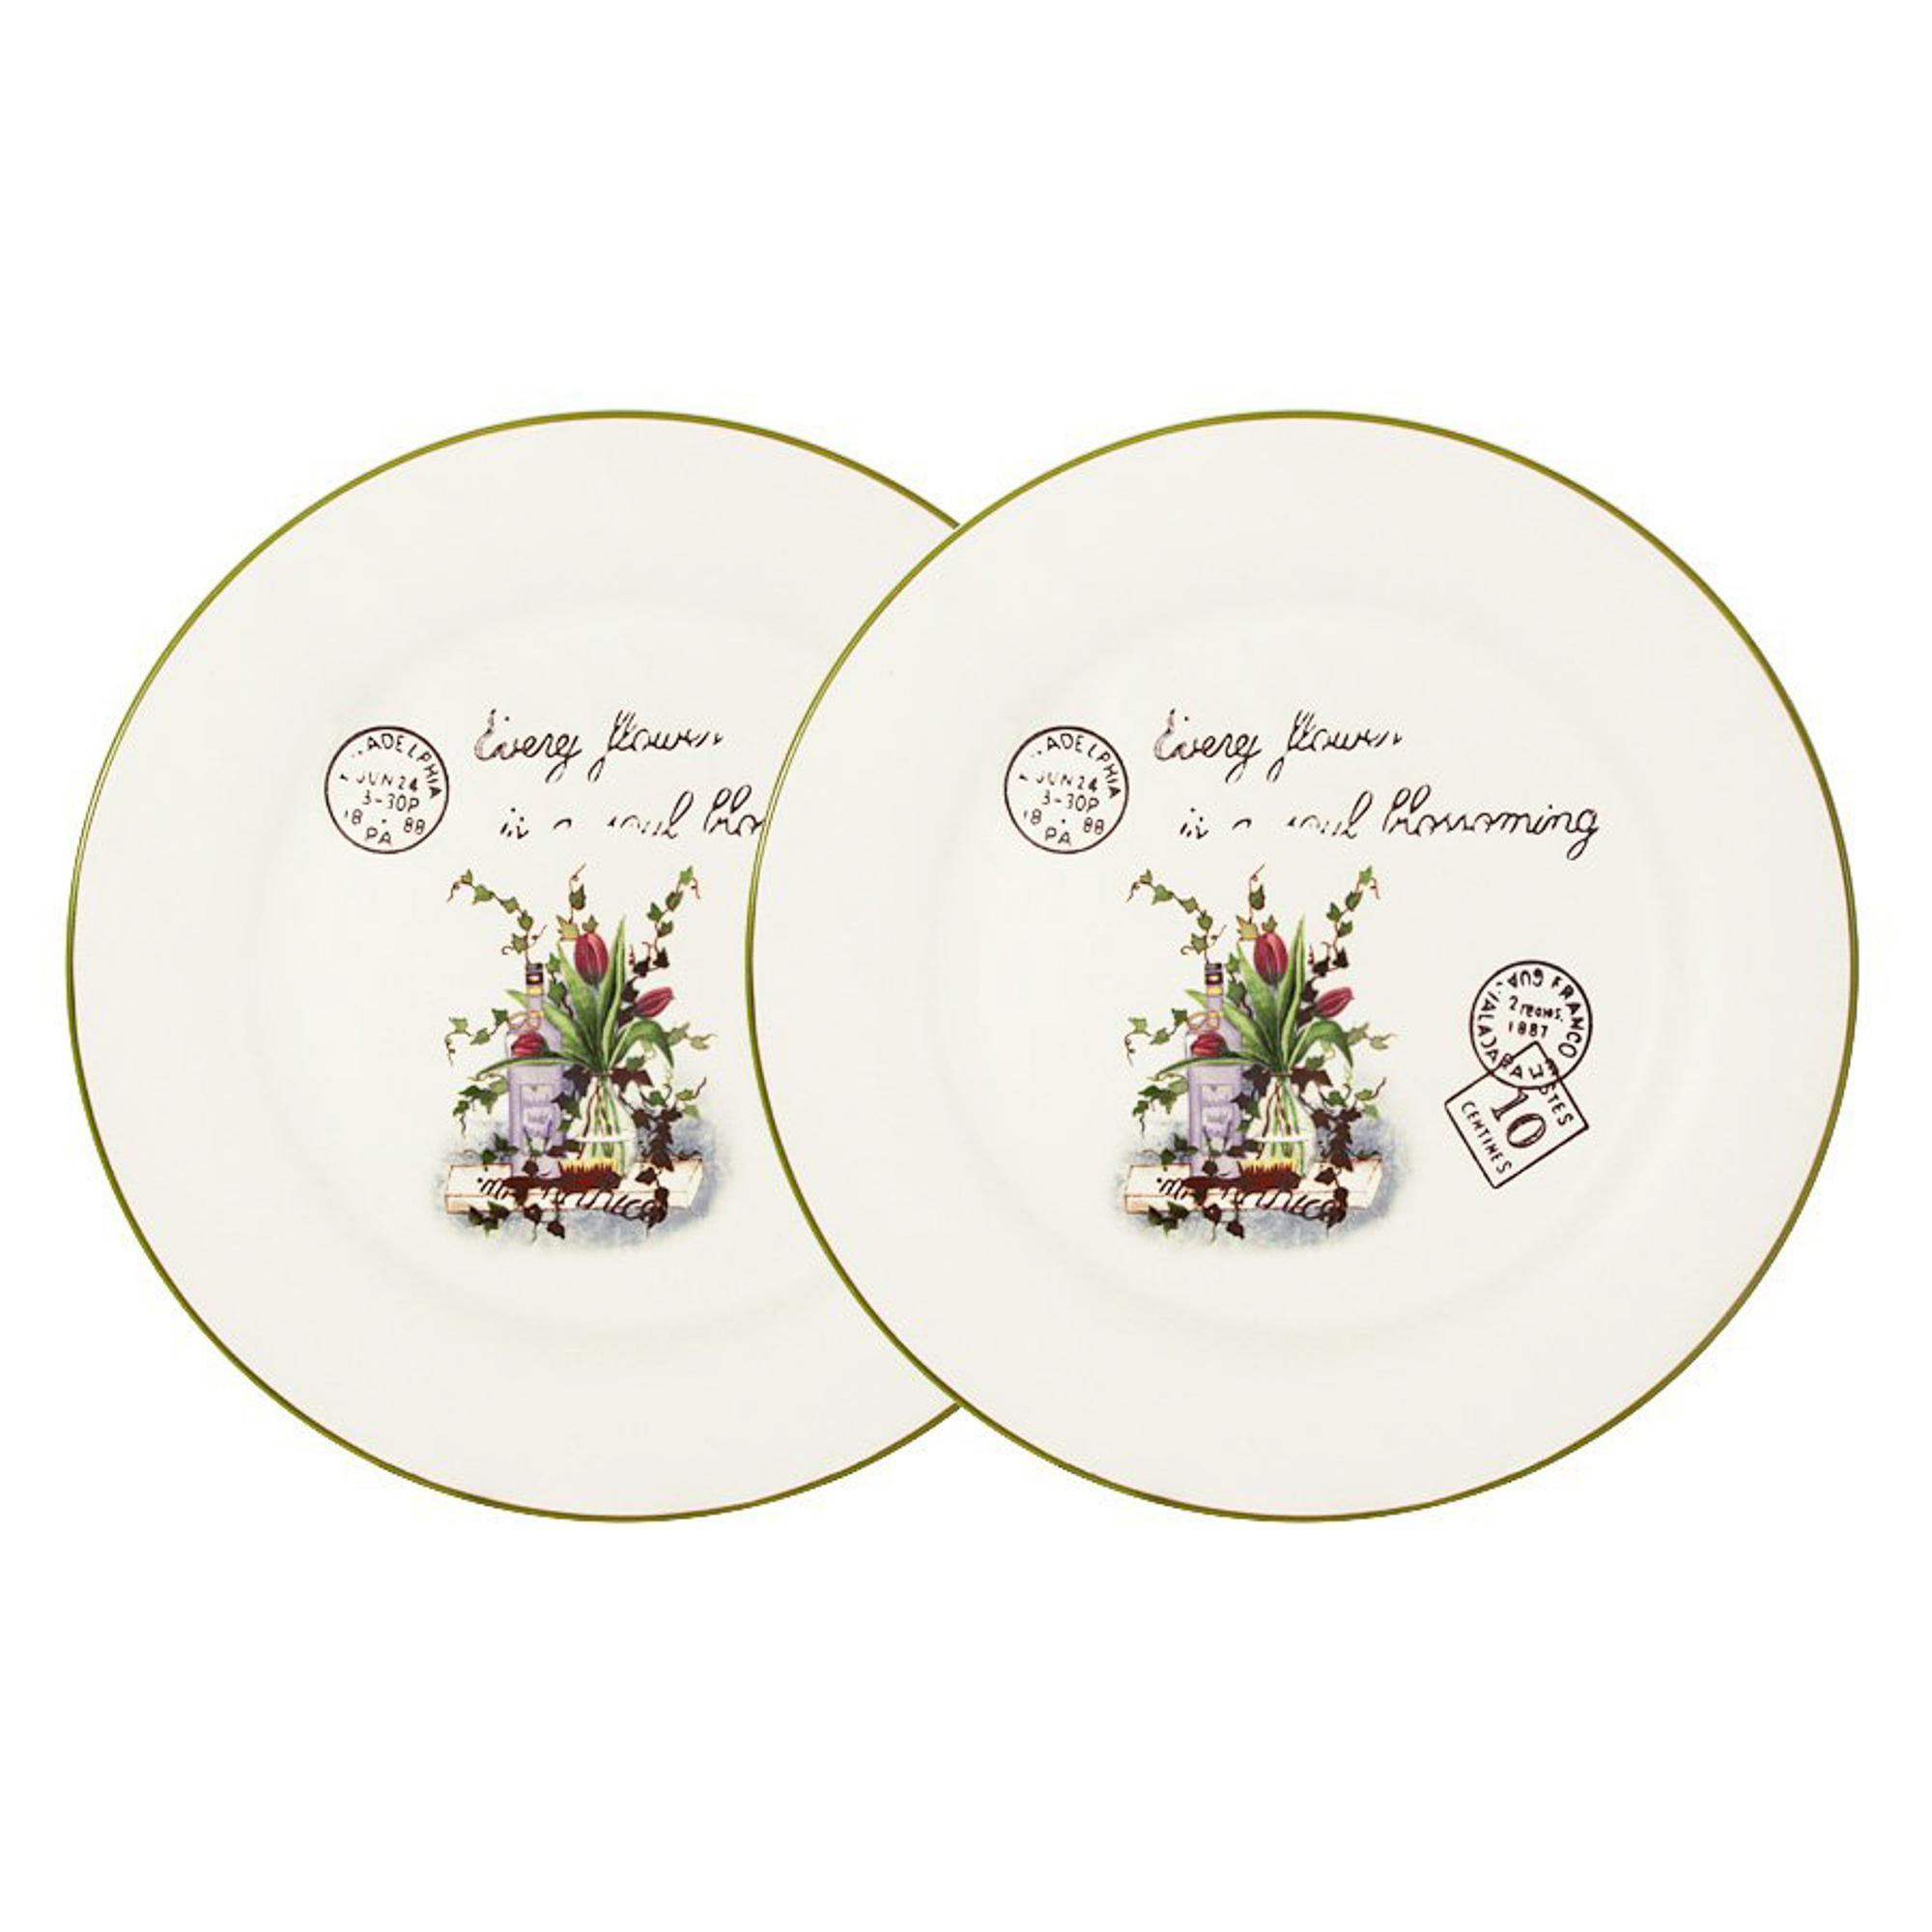 Купить Набор из 2-х обеденных тарелок 25см букет Annalafarg, Китай, керамика